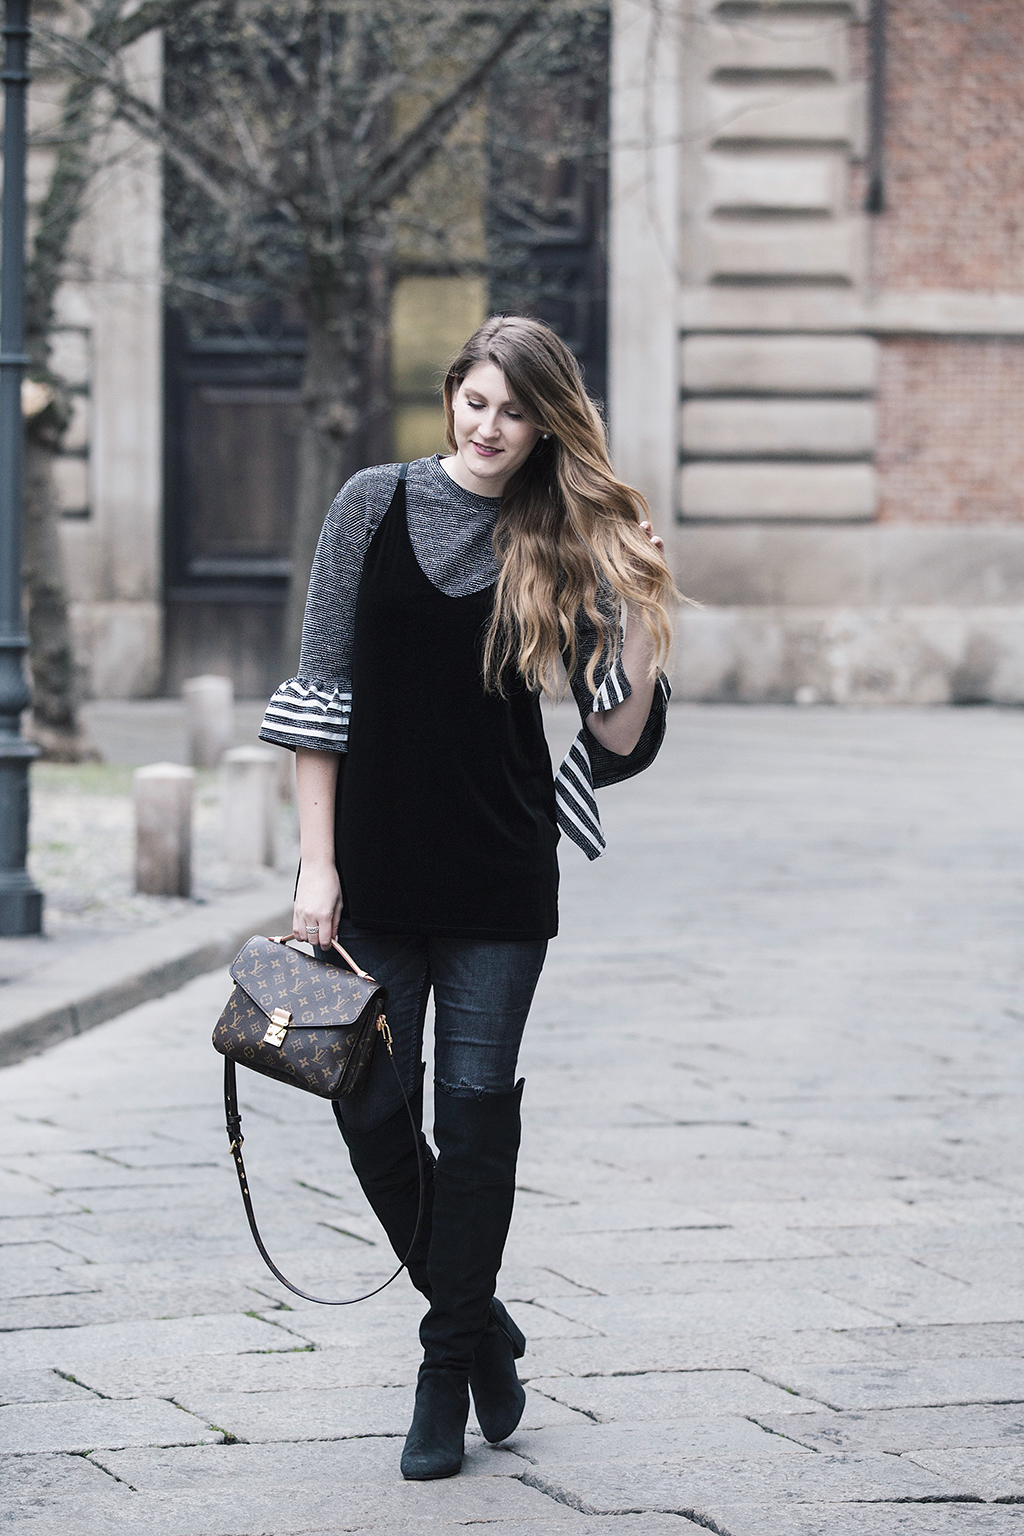 milanfashionweek_beautyjunkie_ootd_outfit_louisvuitton_32.jpg